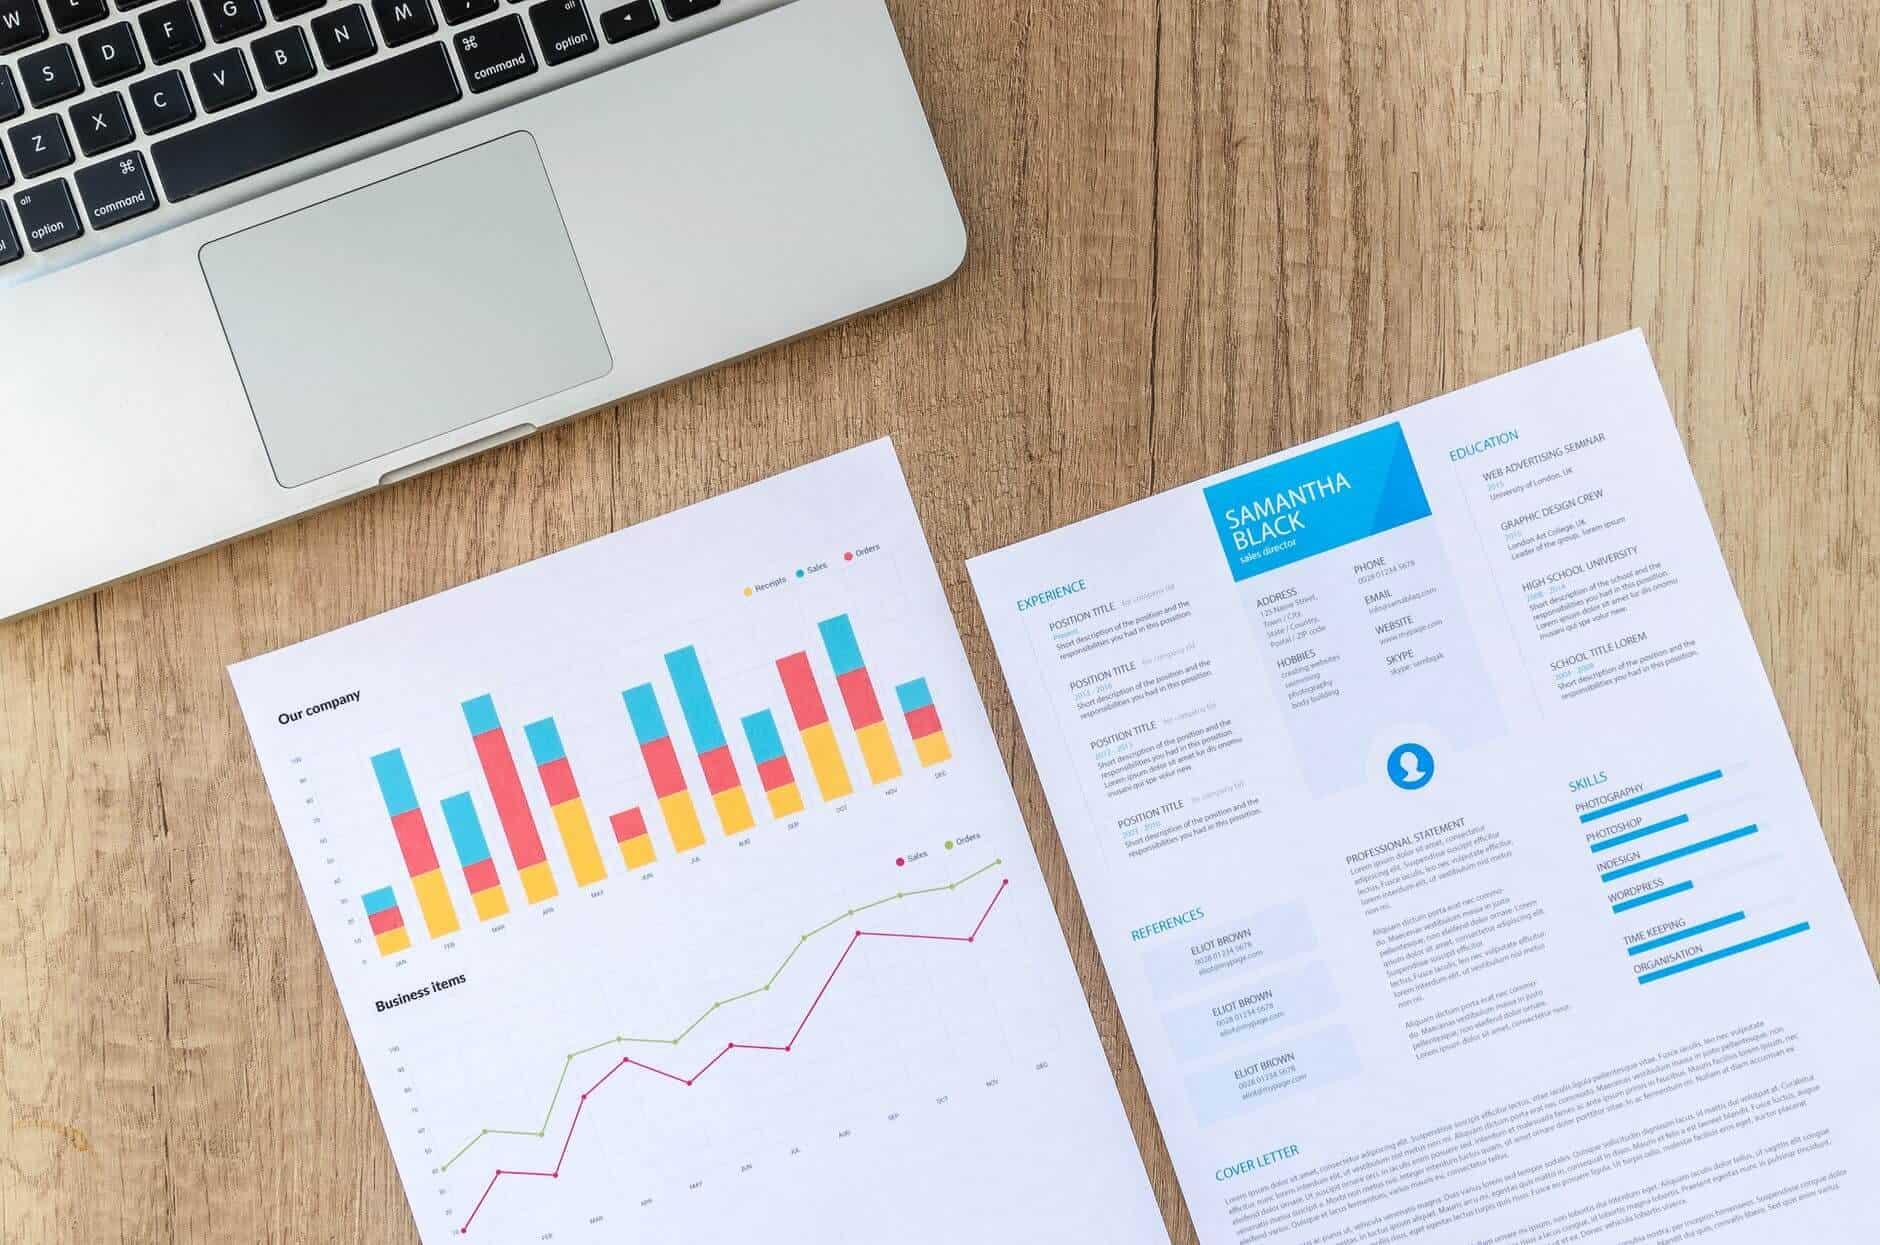 Hướng dẫn cài đặt Google Analytics và cách đọc các thông số thống kê